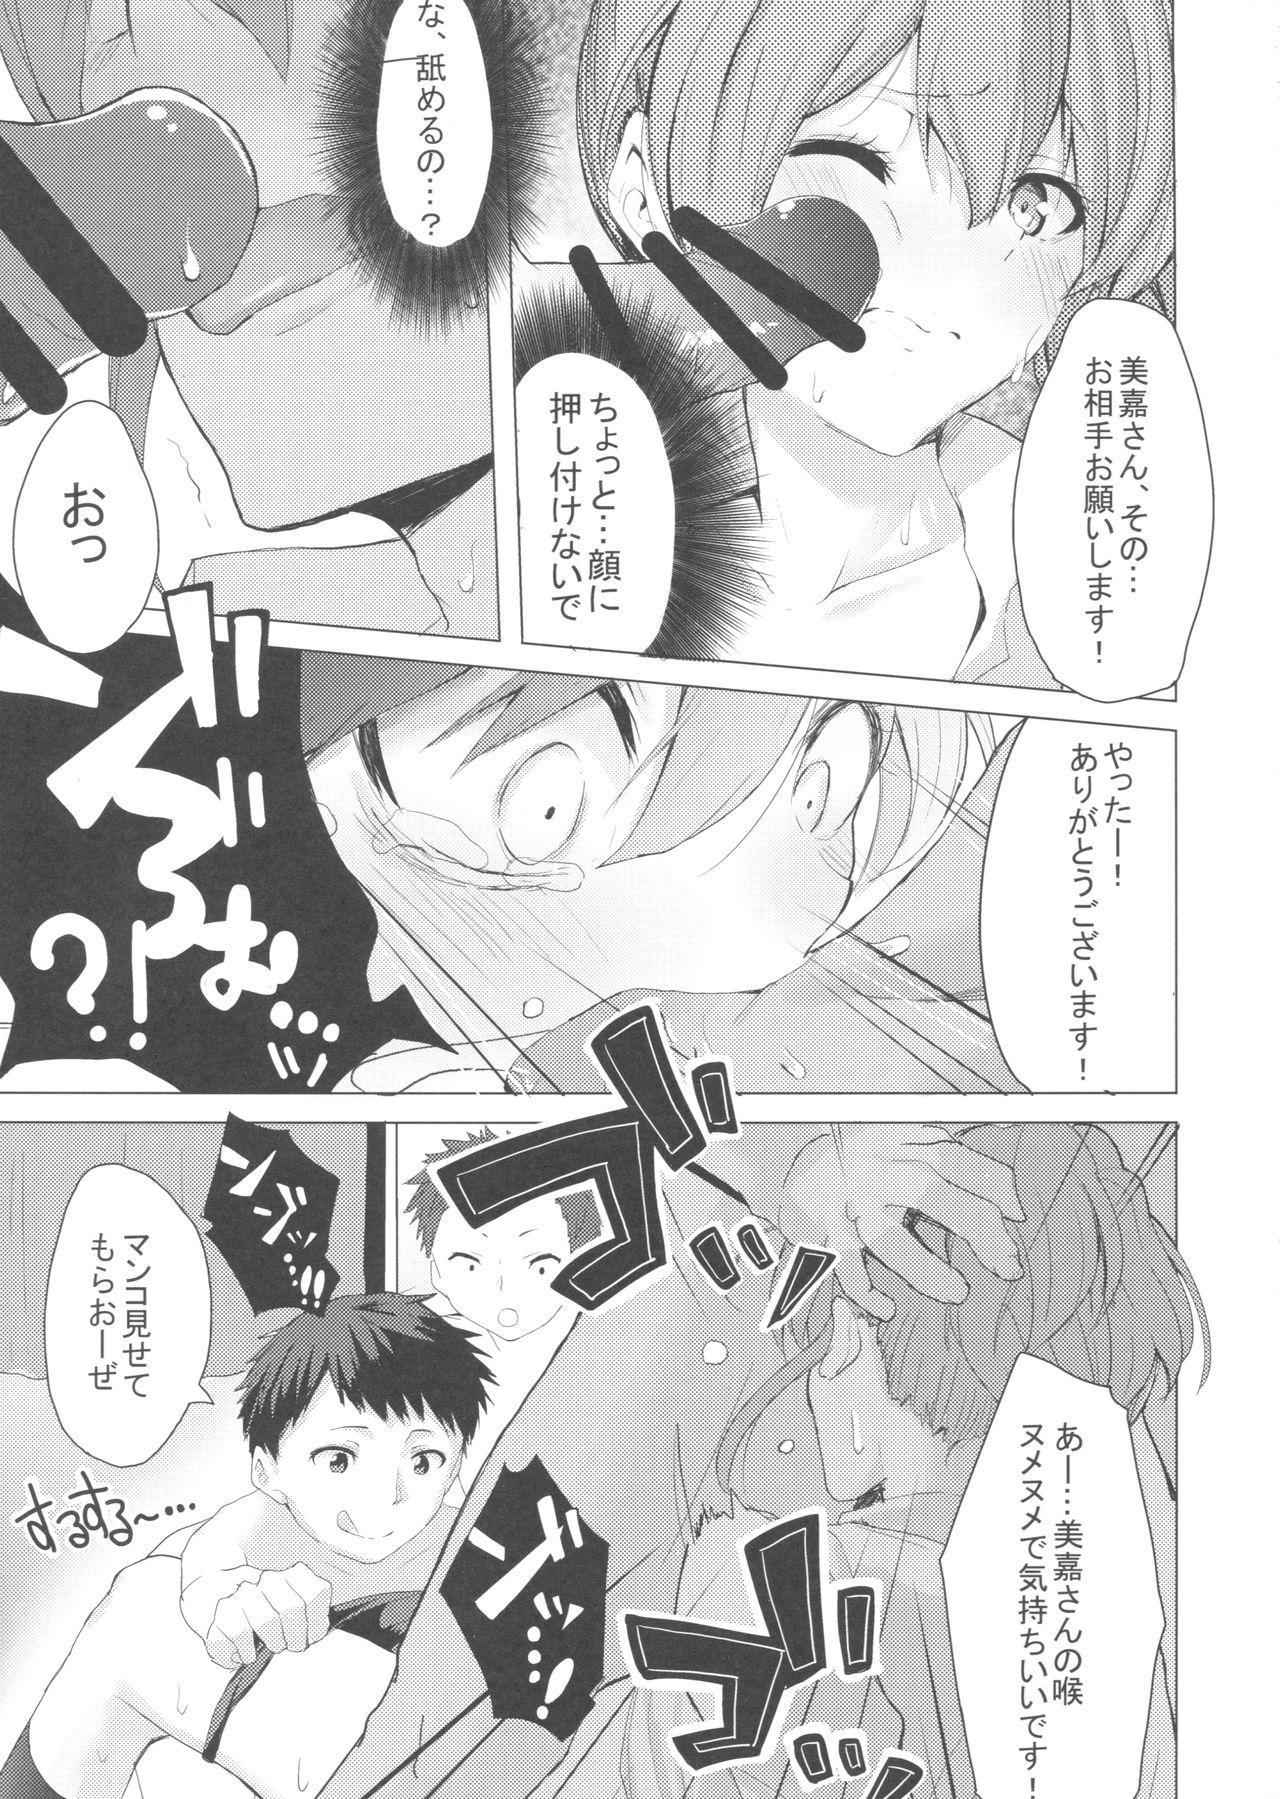 Danshi to Asobo 13